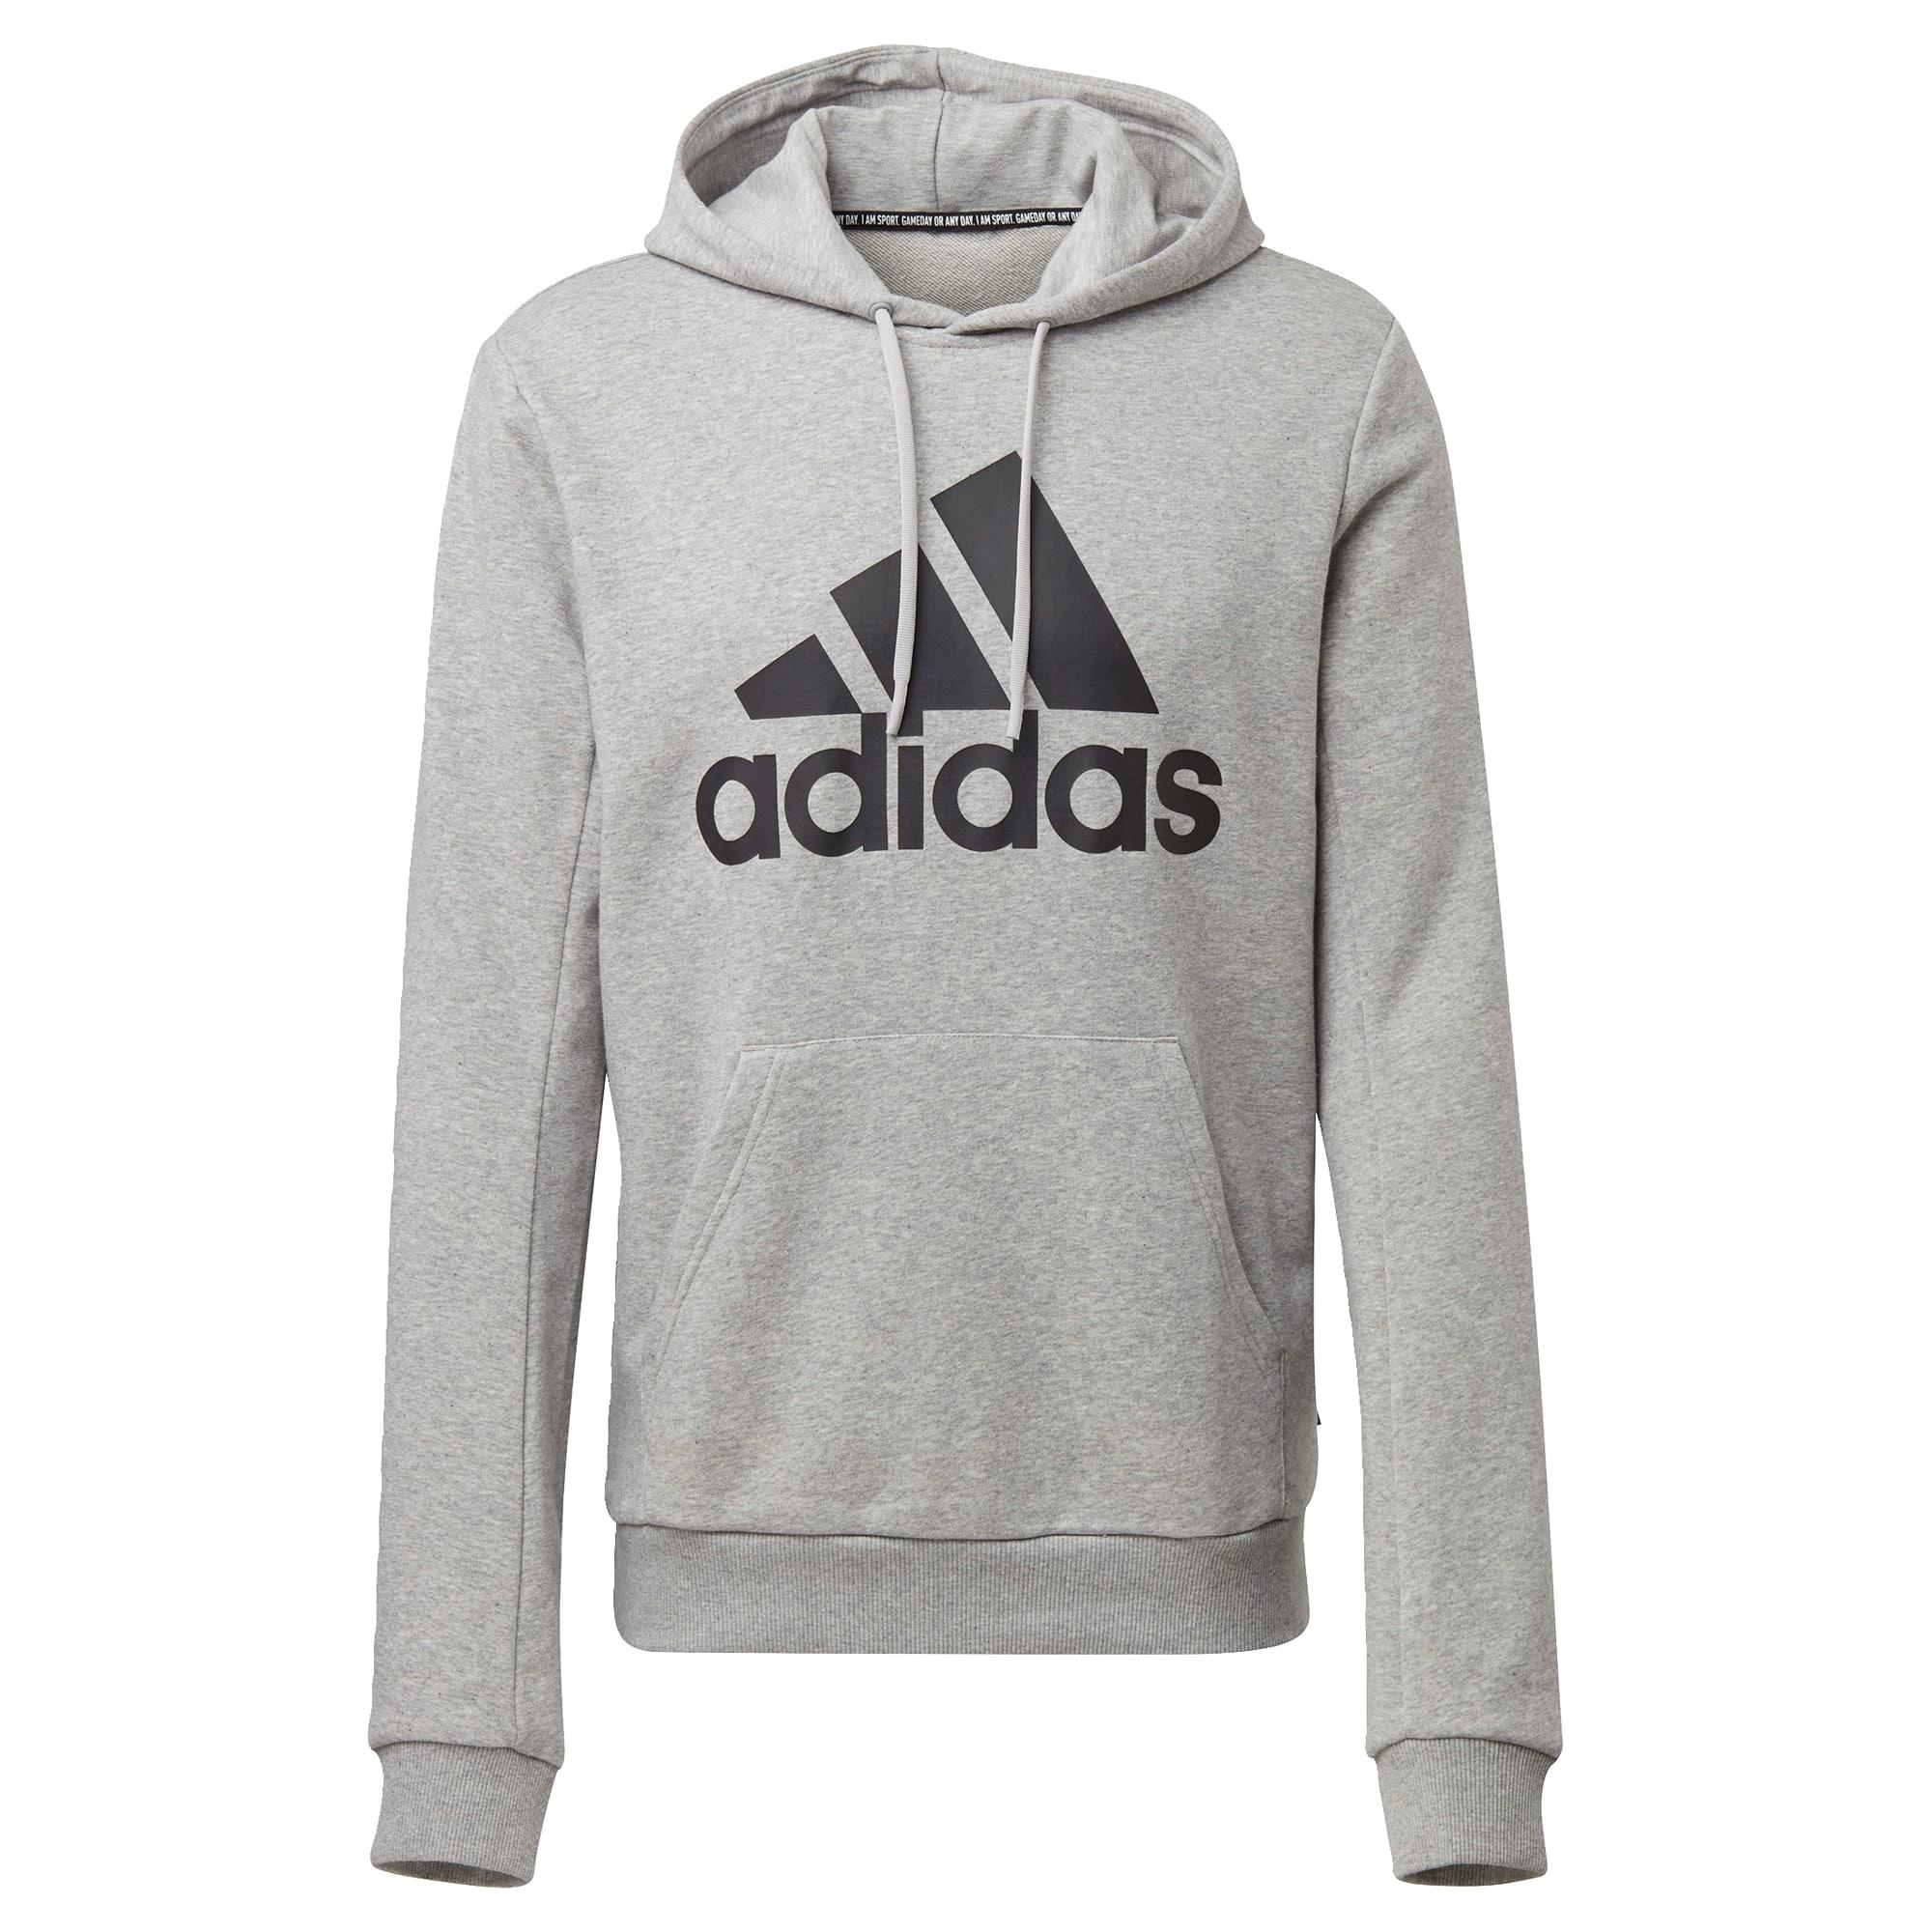 ADIDAS PERFORMANCE Sportinio tipo megztinis juoda / pilka